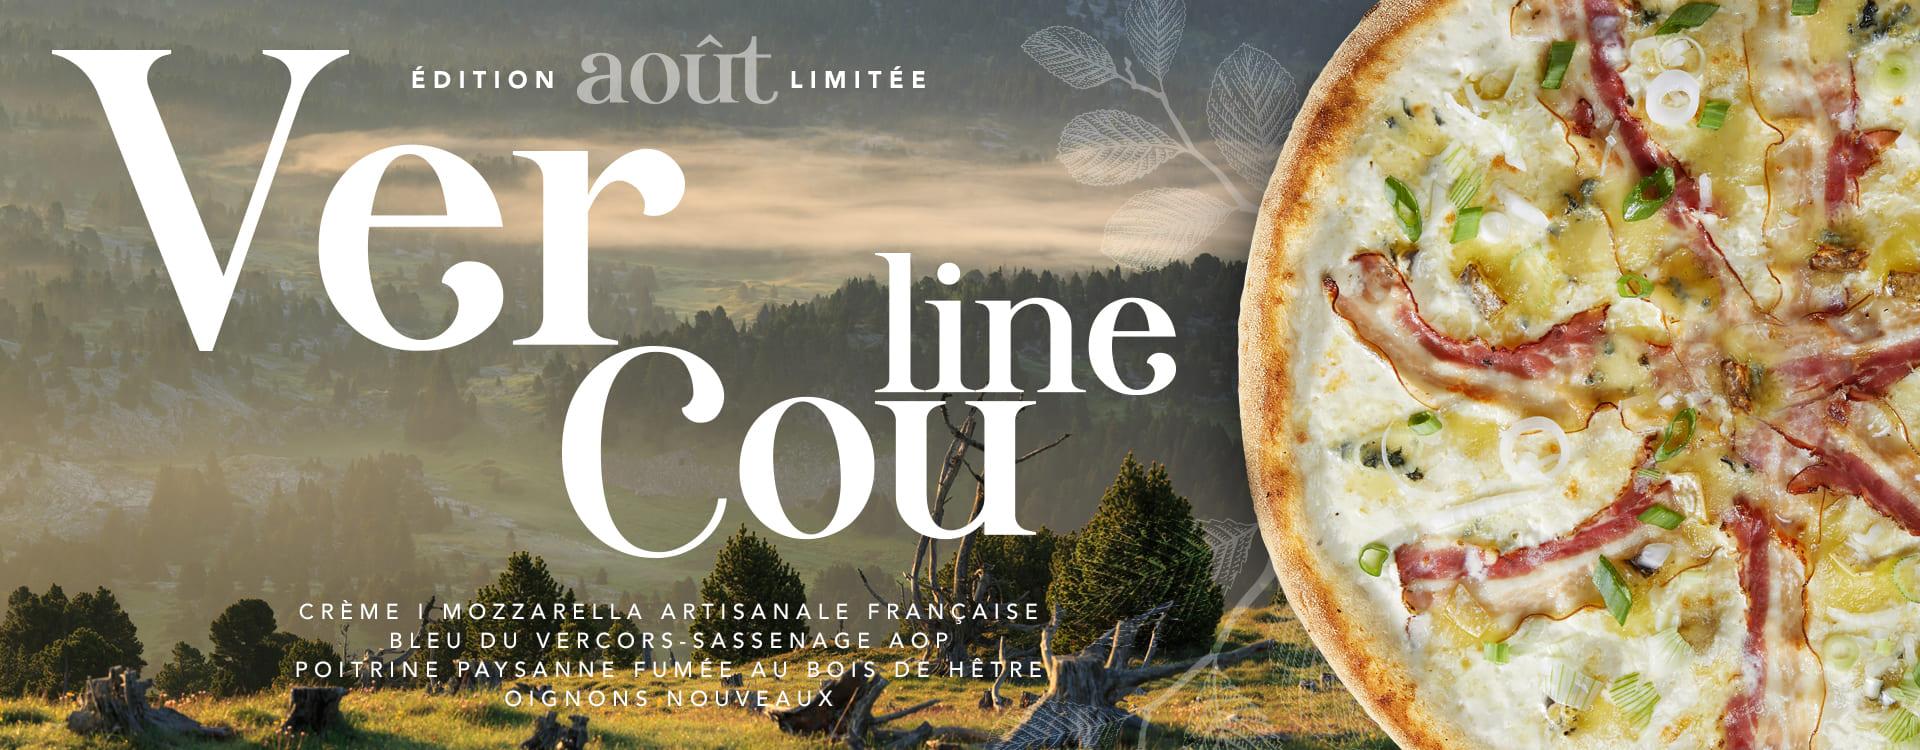 Pizza Vercouline Basilic & Co